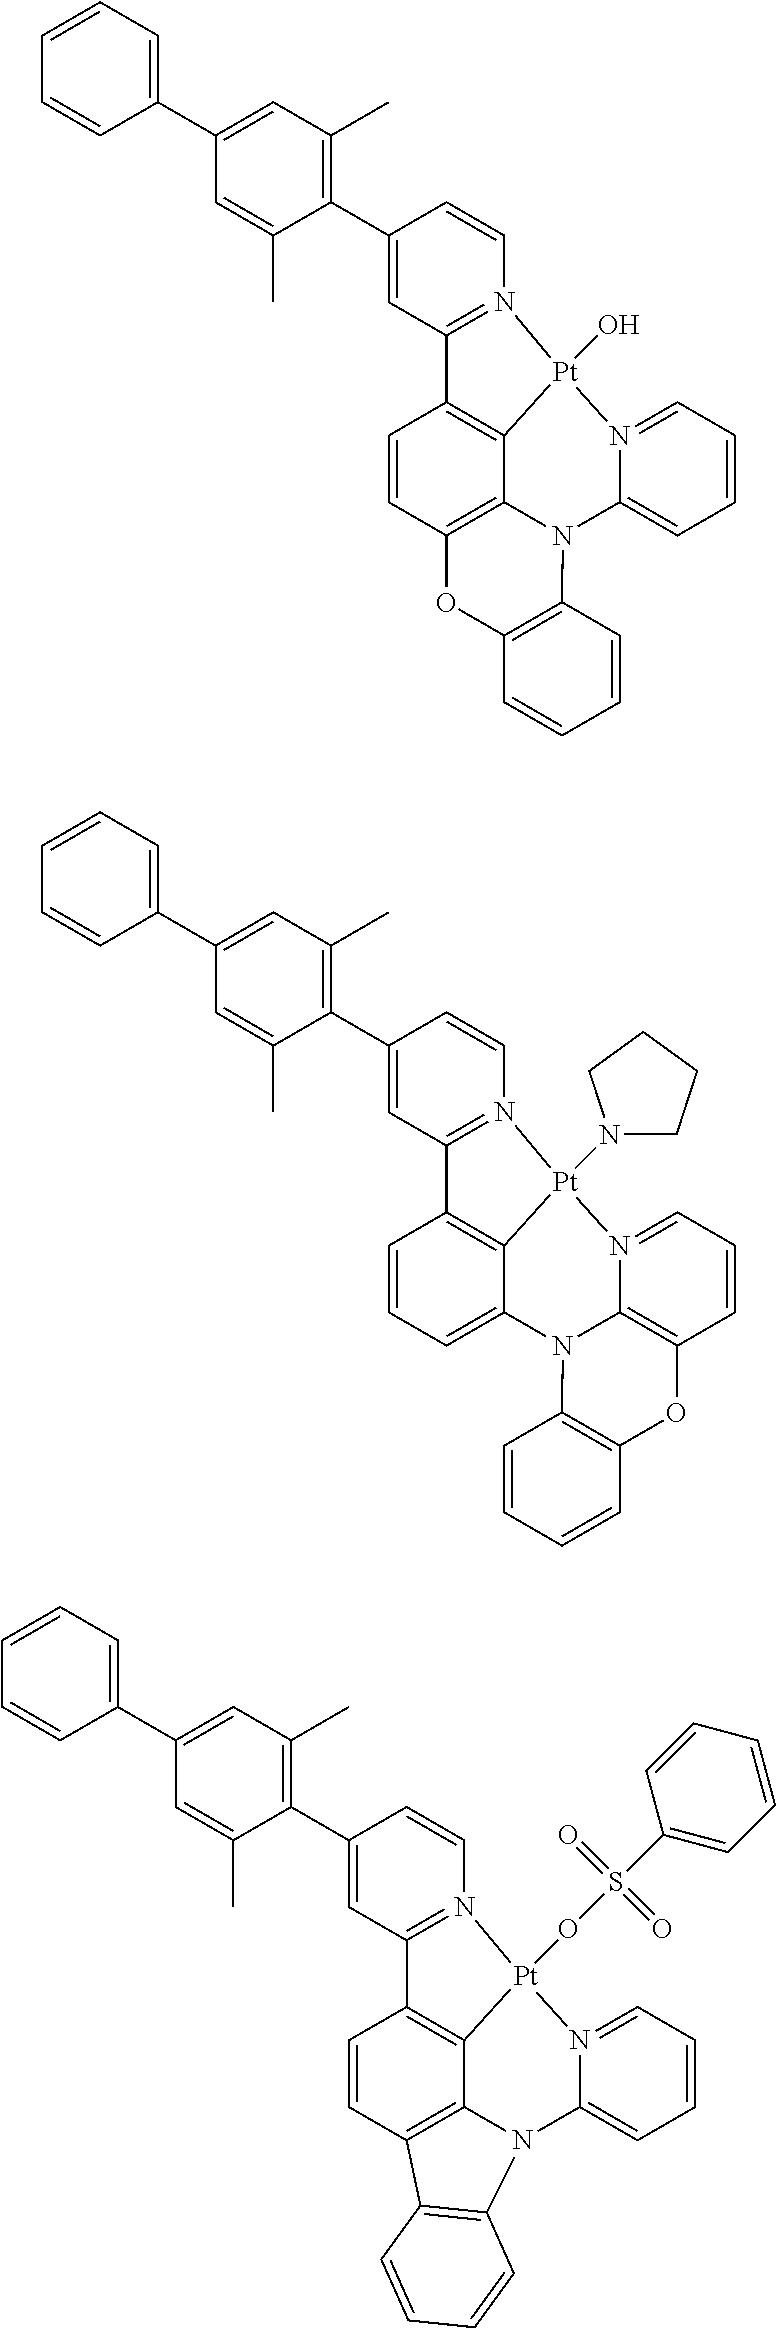 Figure US09818959-20171114-C00164